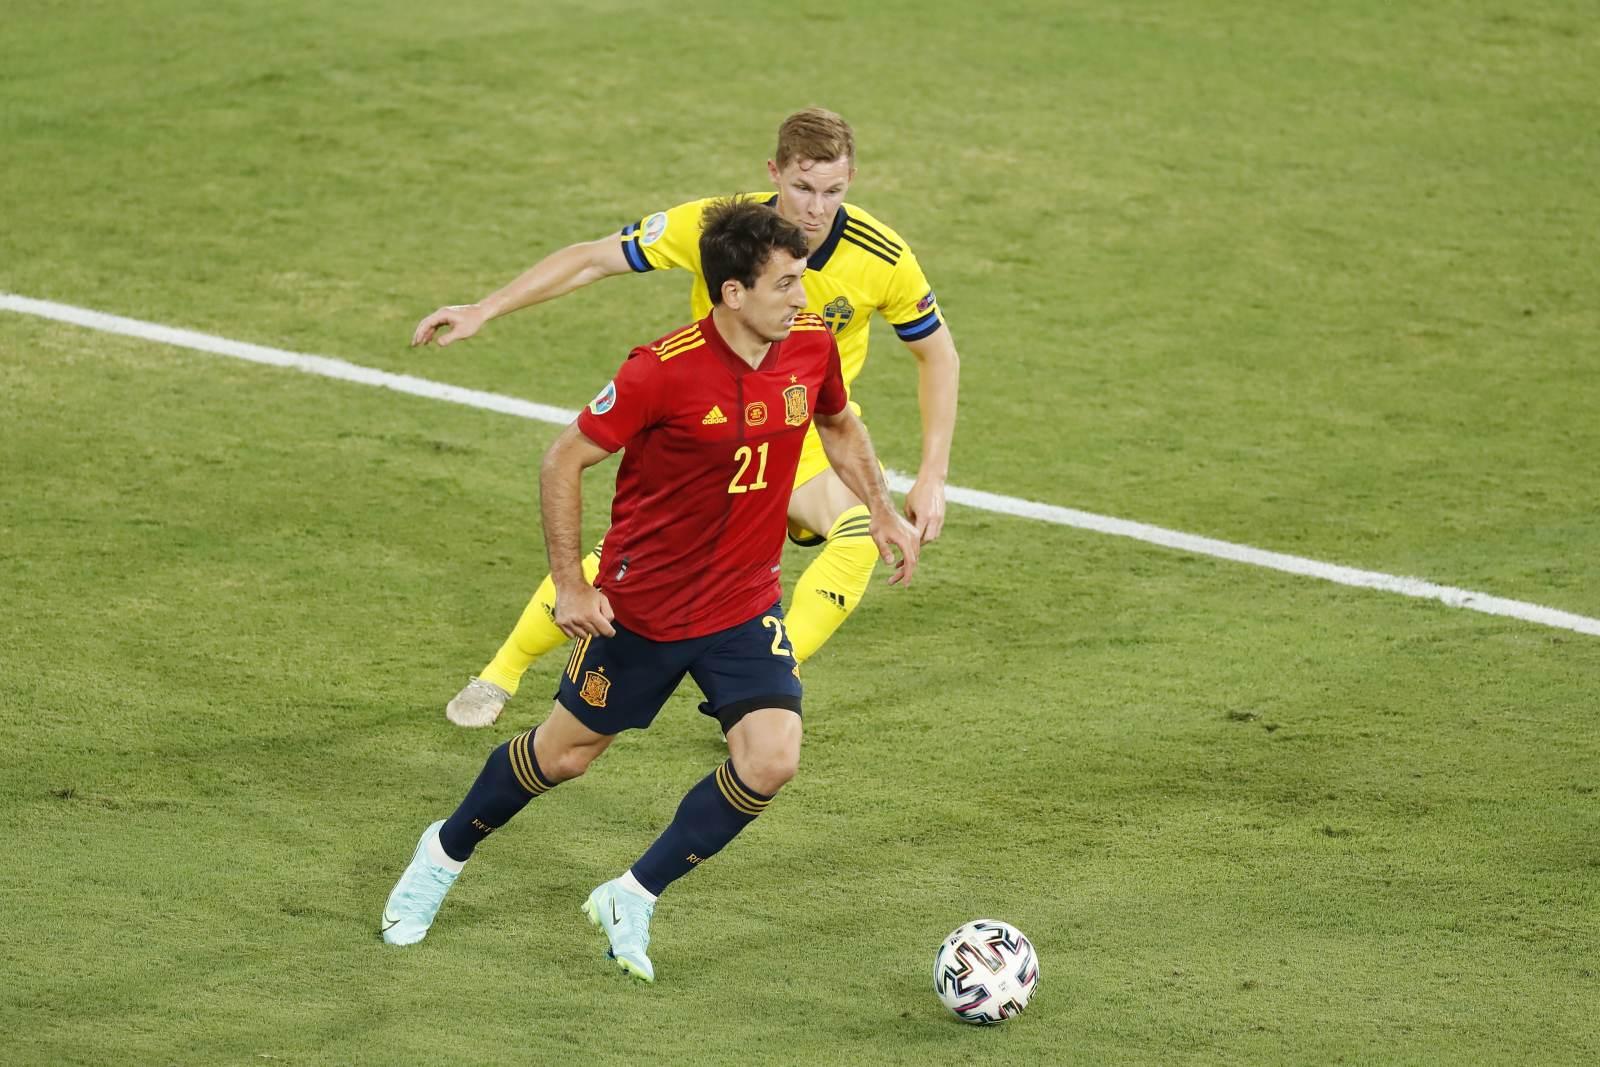 Победный пенальти сборной Испании - видео